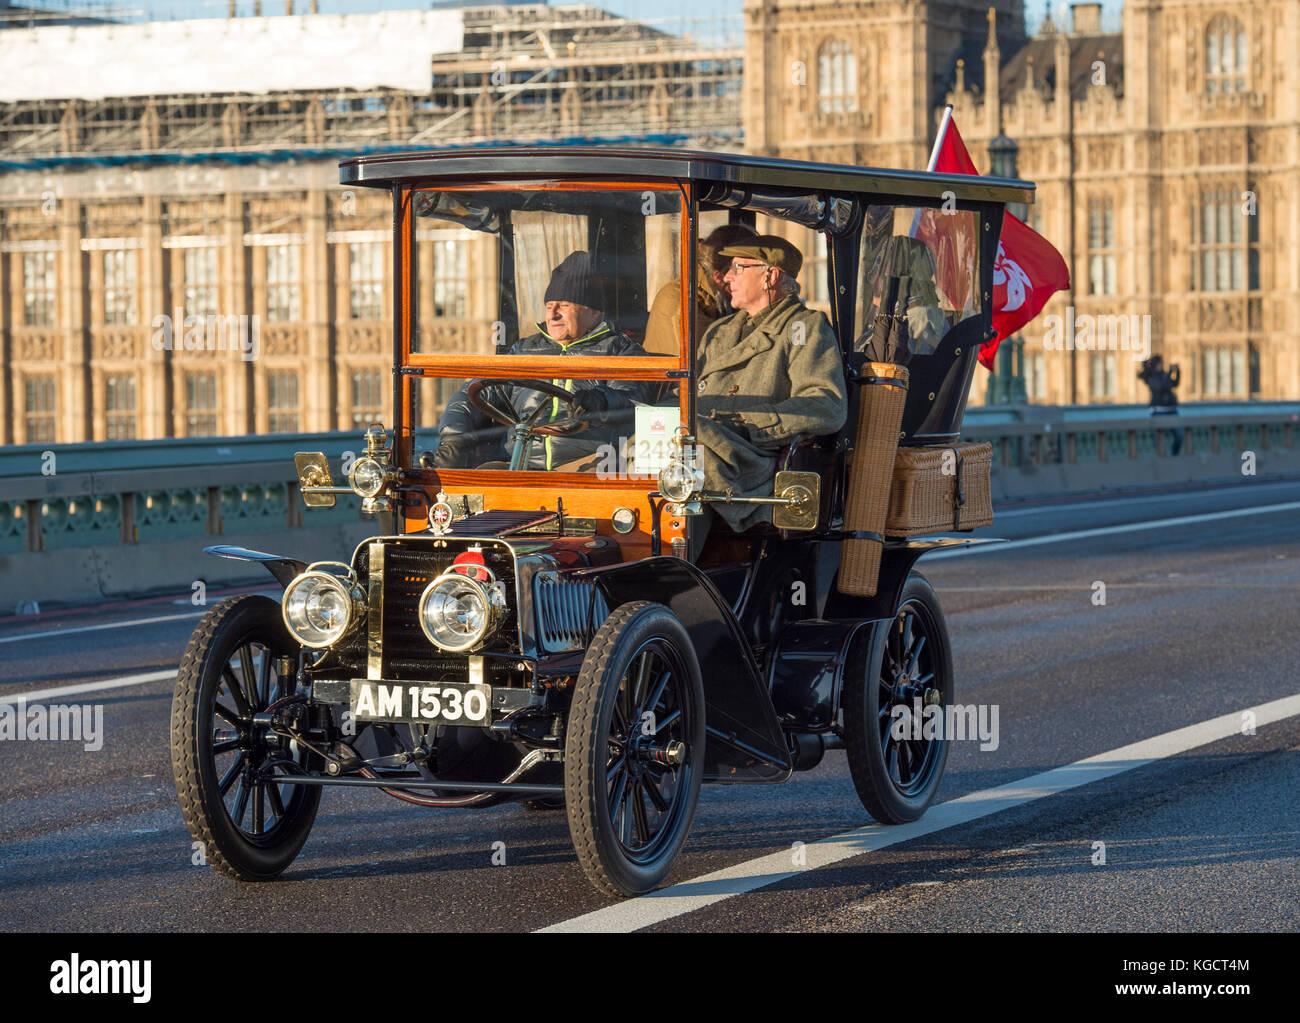 El 5 de noviembre, 2017. bonhams London to Brighton veteran car run, la más larga del mundo, un evento de automovilismo Imagen De Stock